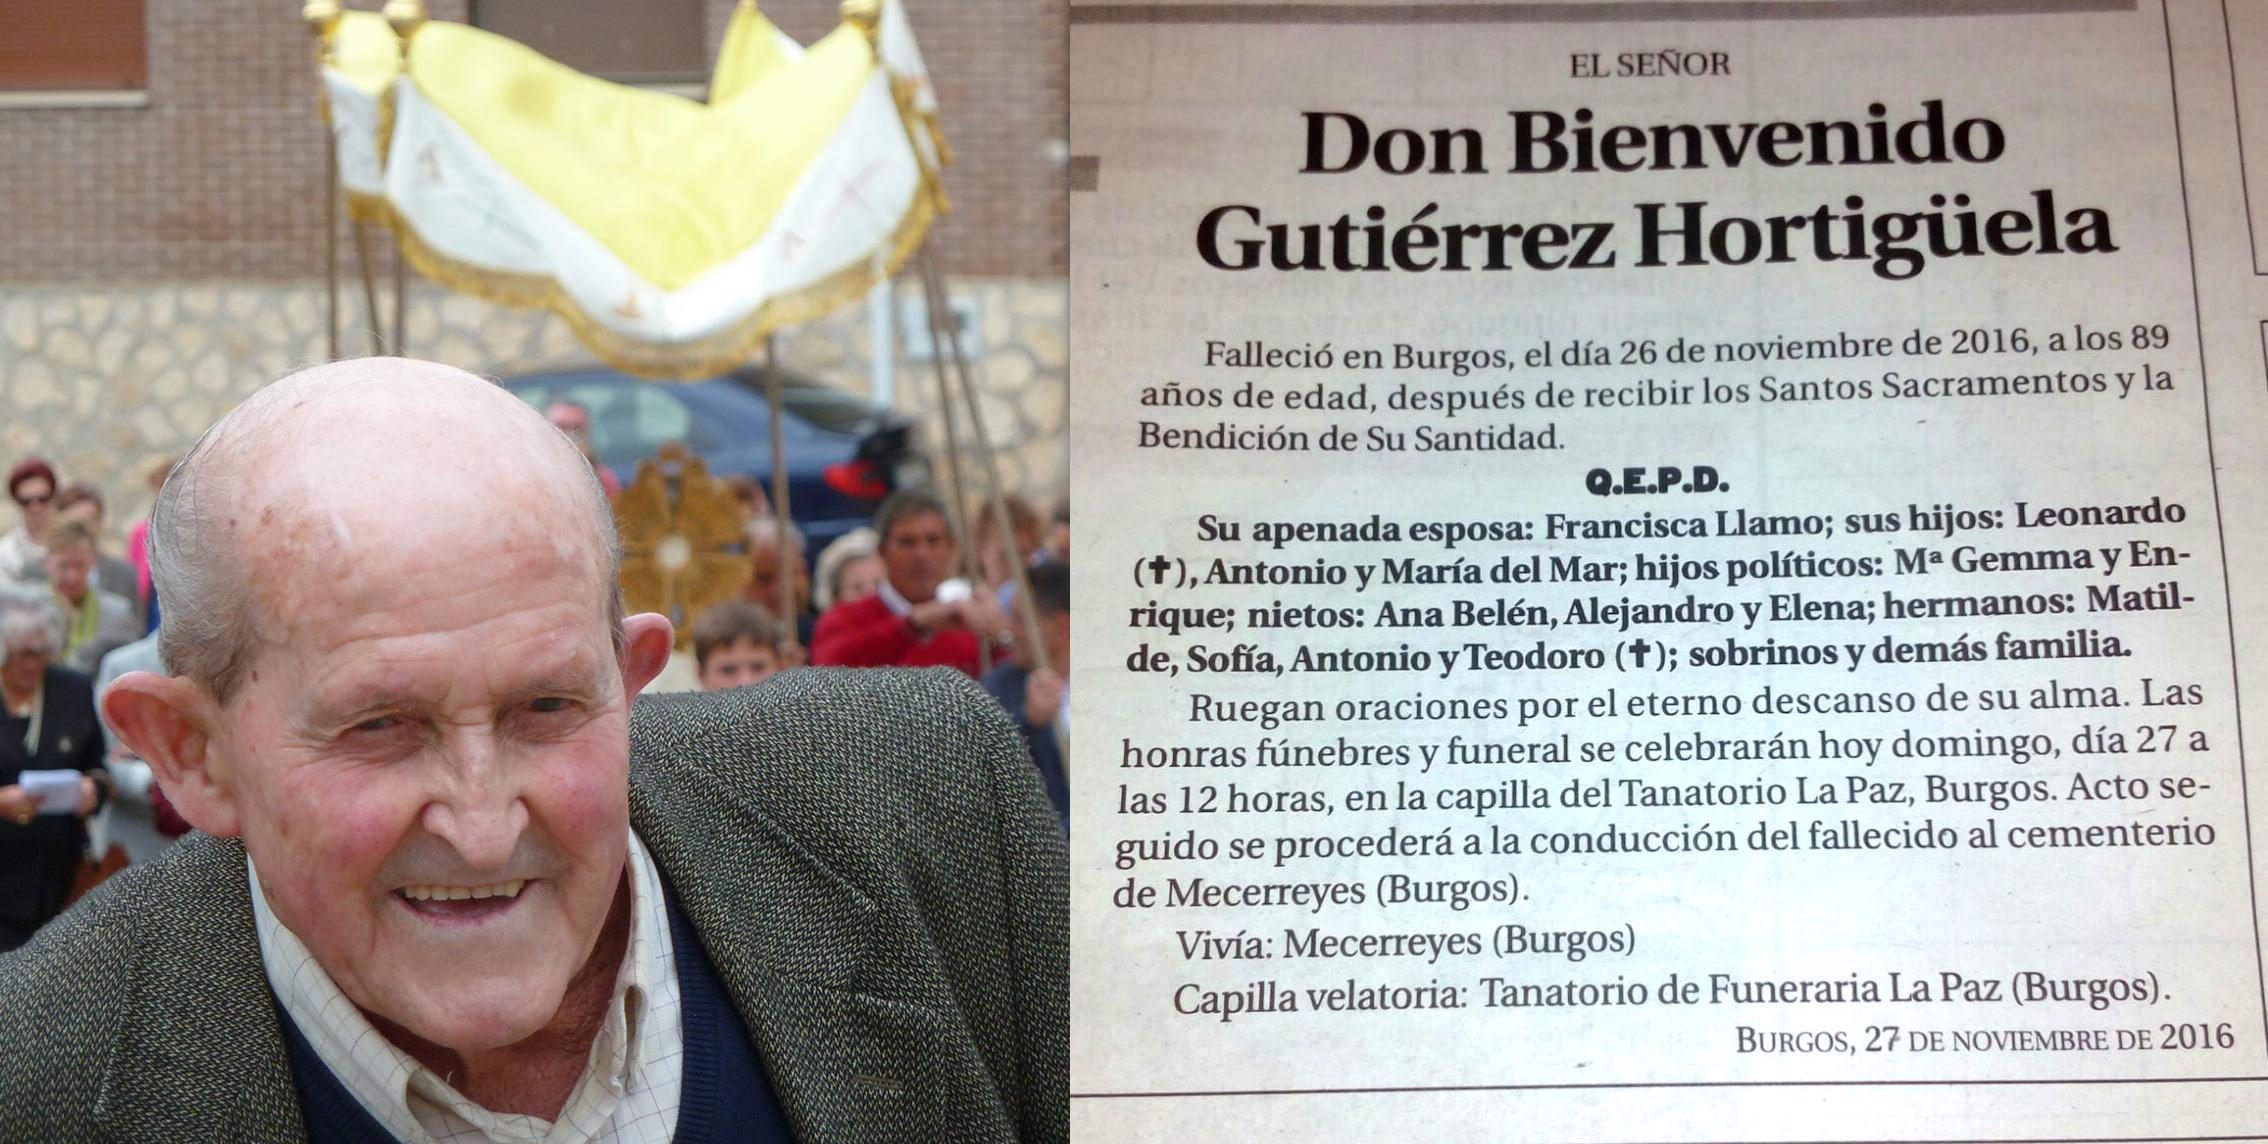 Bienvenido Gutiérrez Hortiguela, falleció en Burgos el 26 de noviembre de 2016, a los 89 años